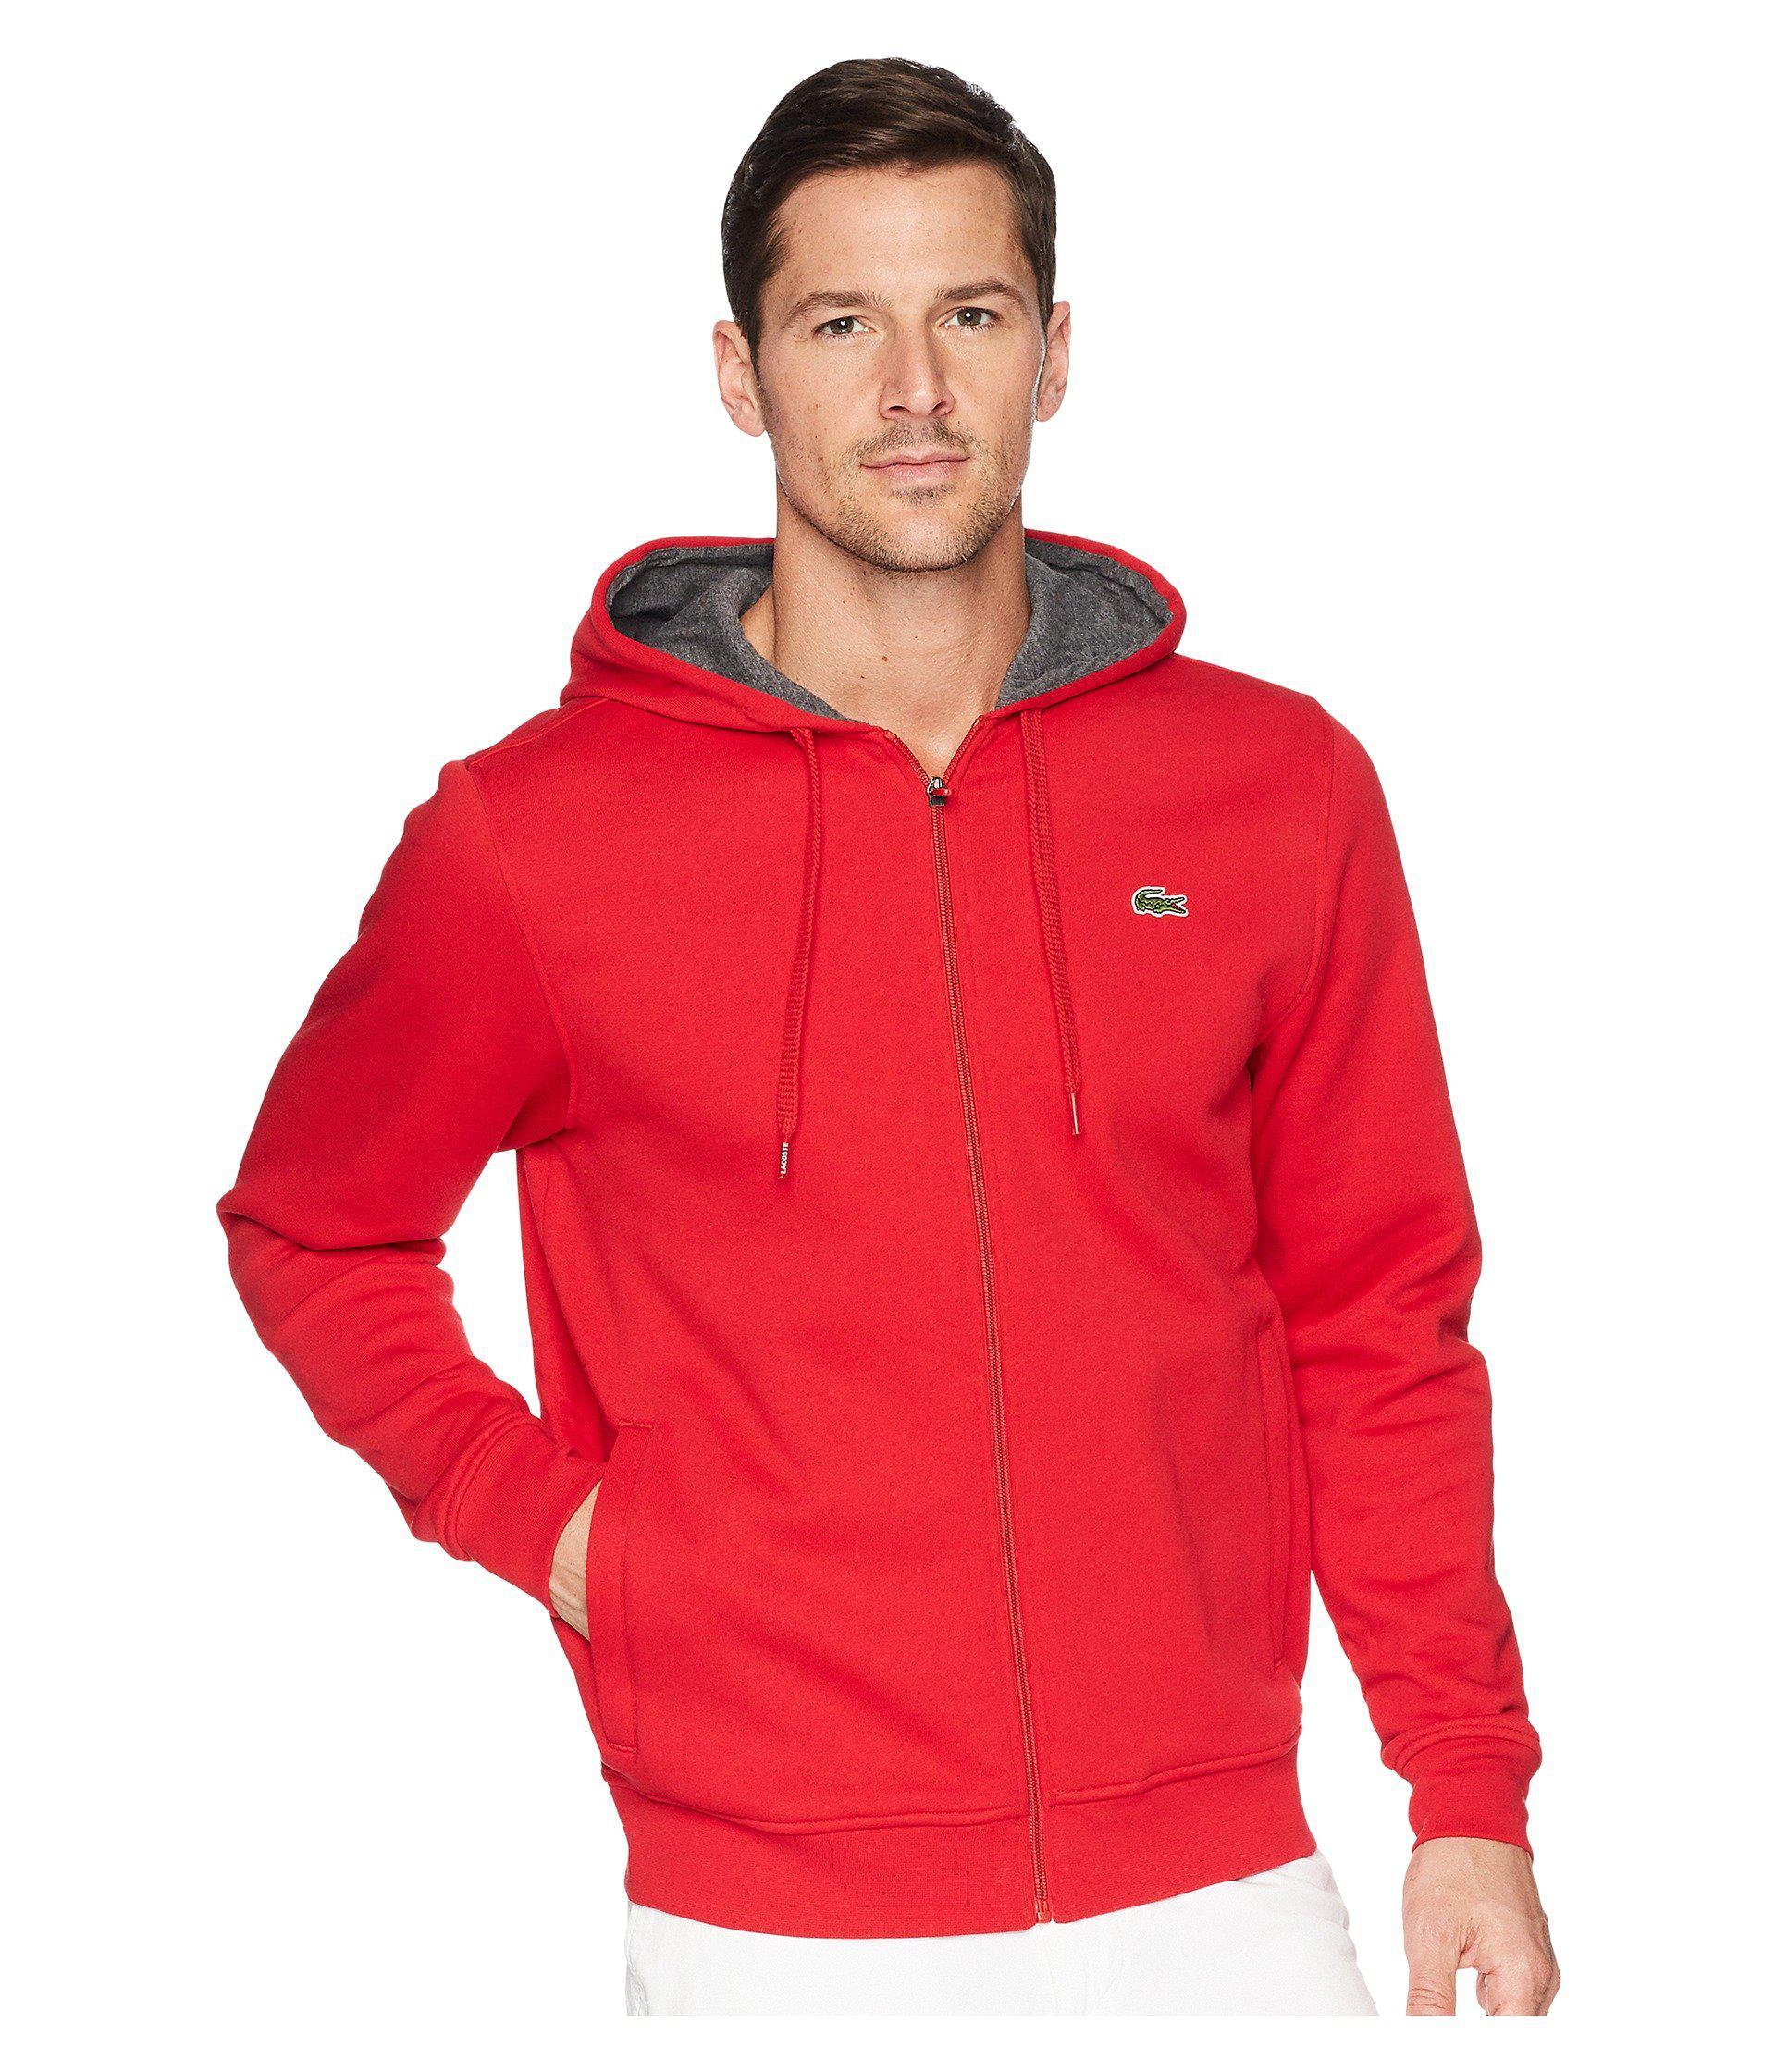 356f1997bfb2 Lyst - Lacoste Full Zip Hoodie Fleece Sweatshirt in Red for Men